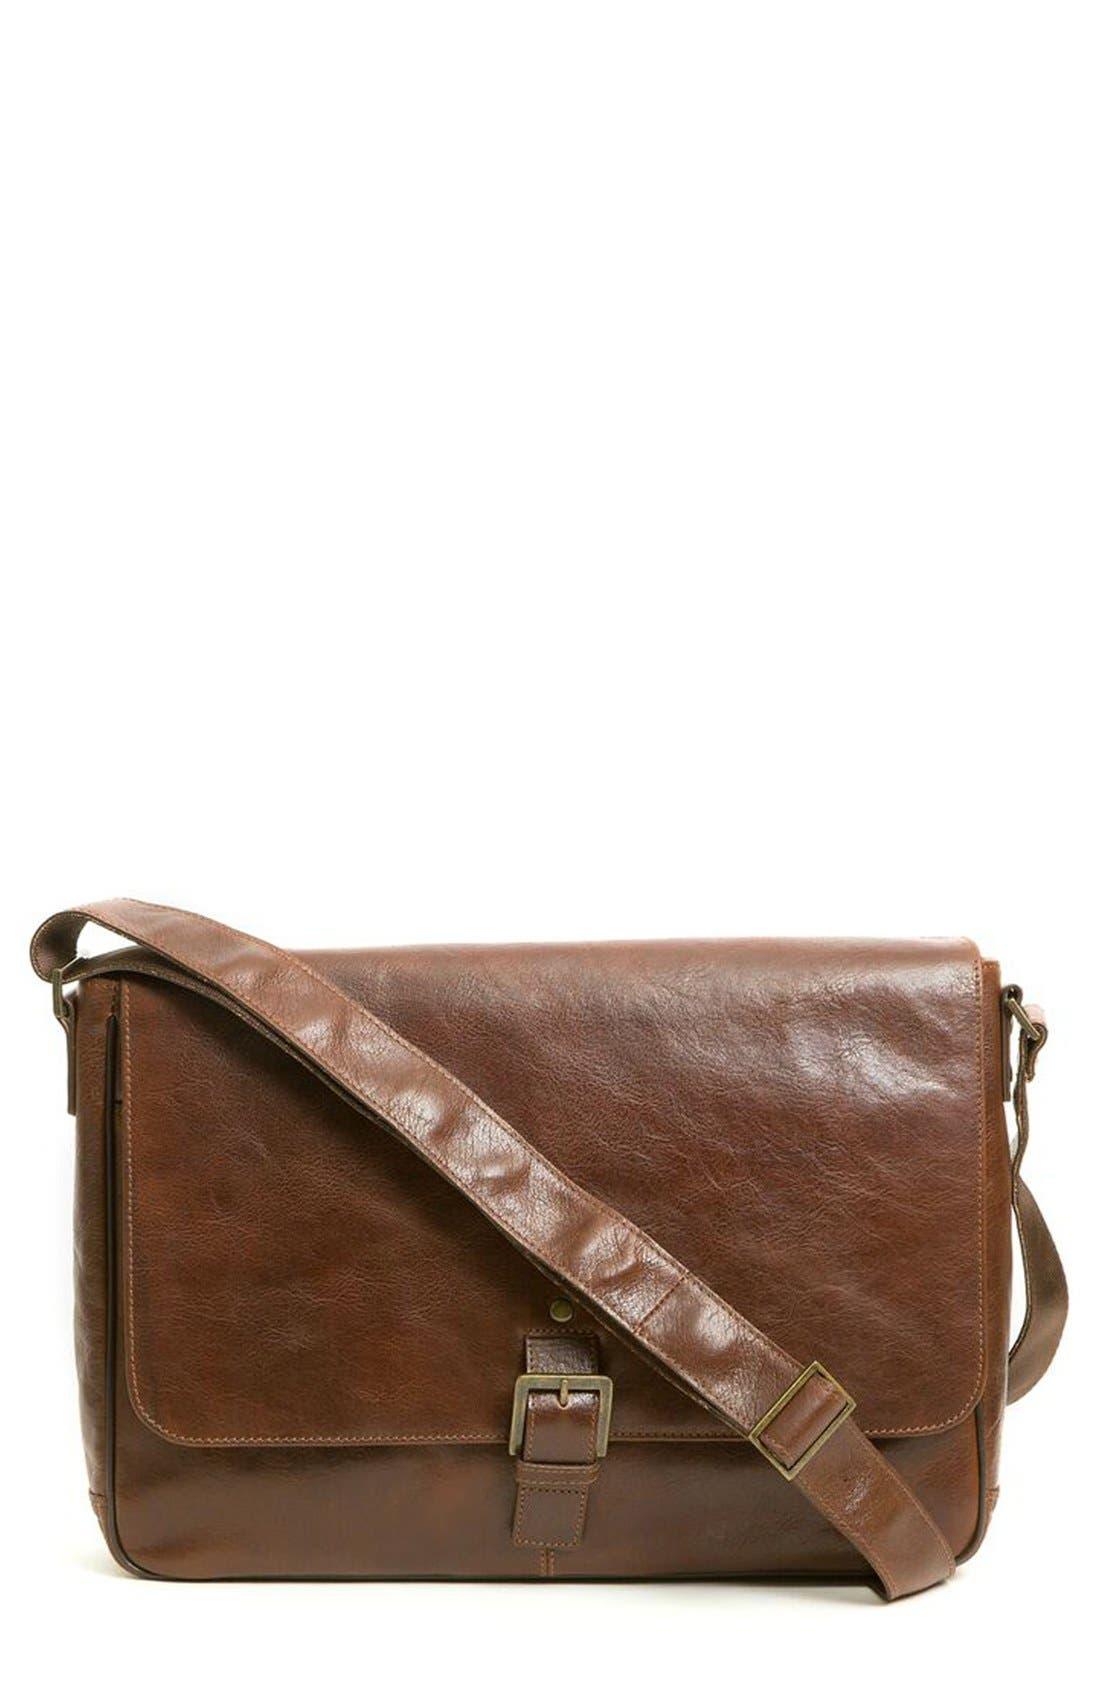 Boconi 'Becker' Leather Messenger Bag